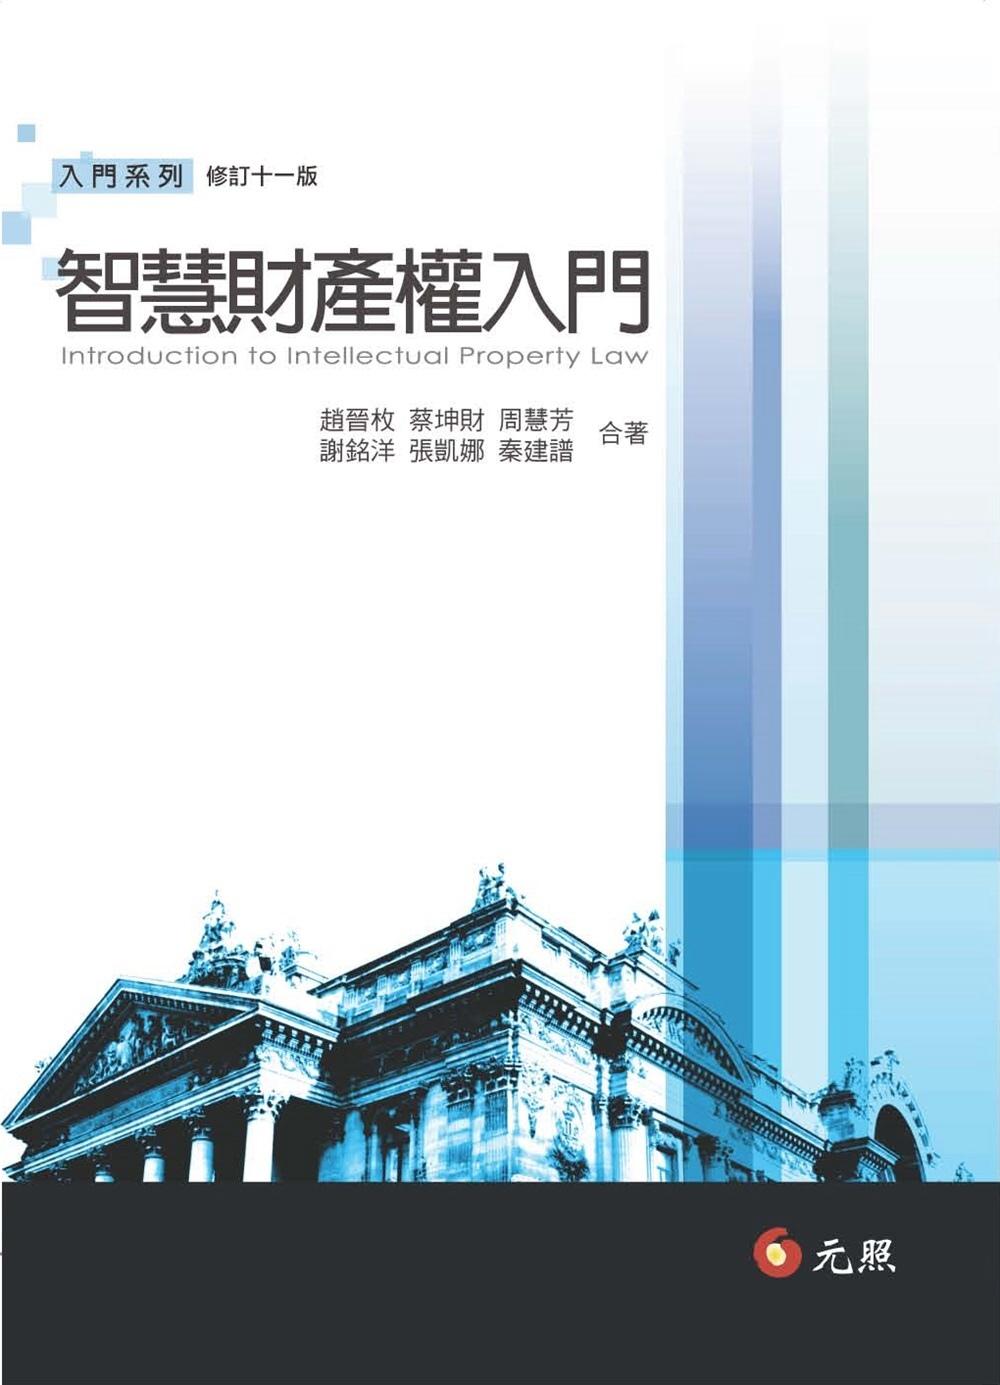 智慧財產權入門(十一版)